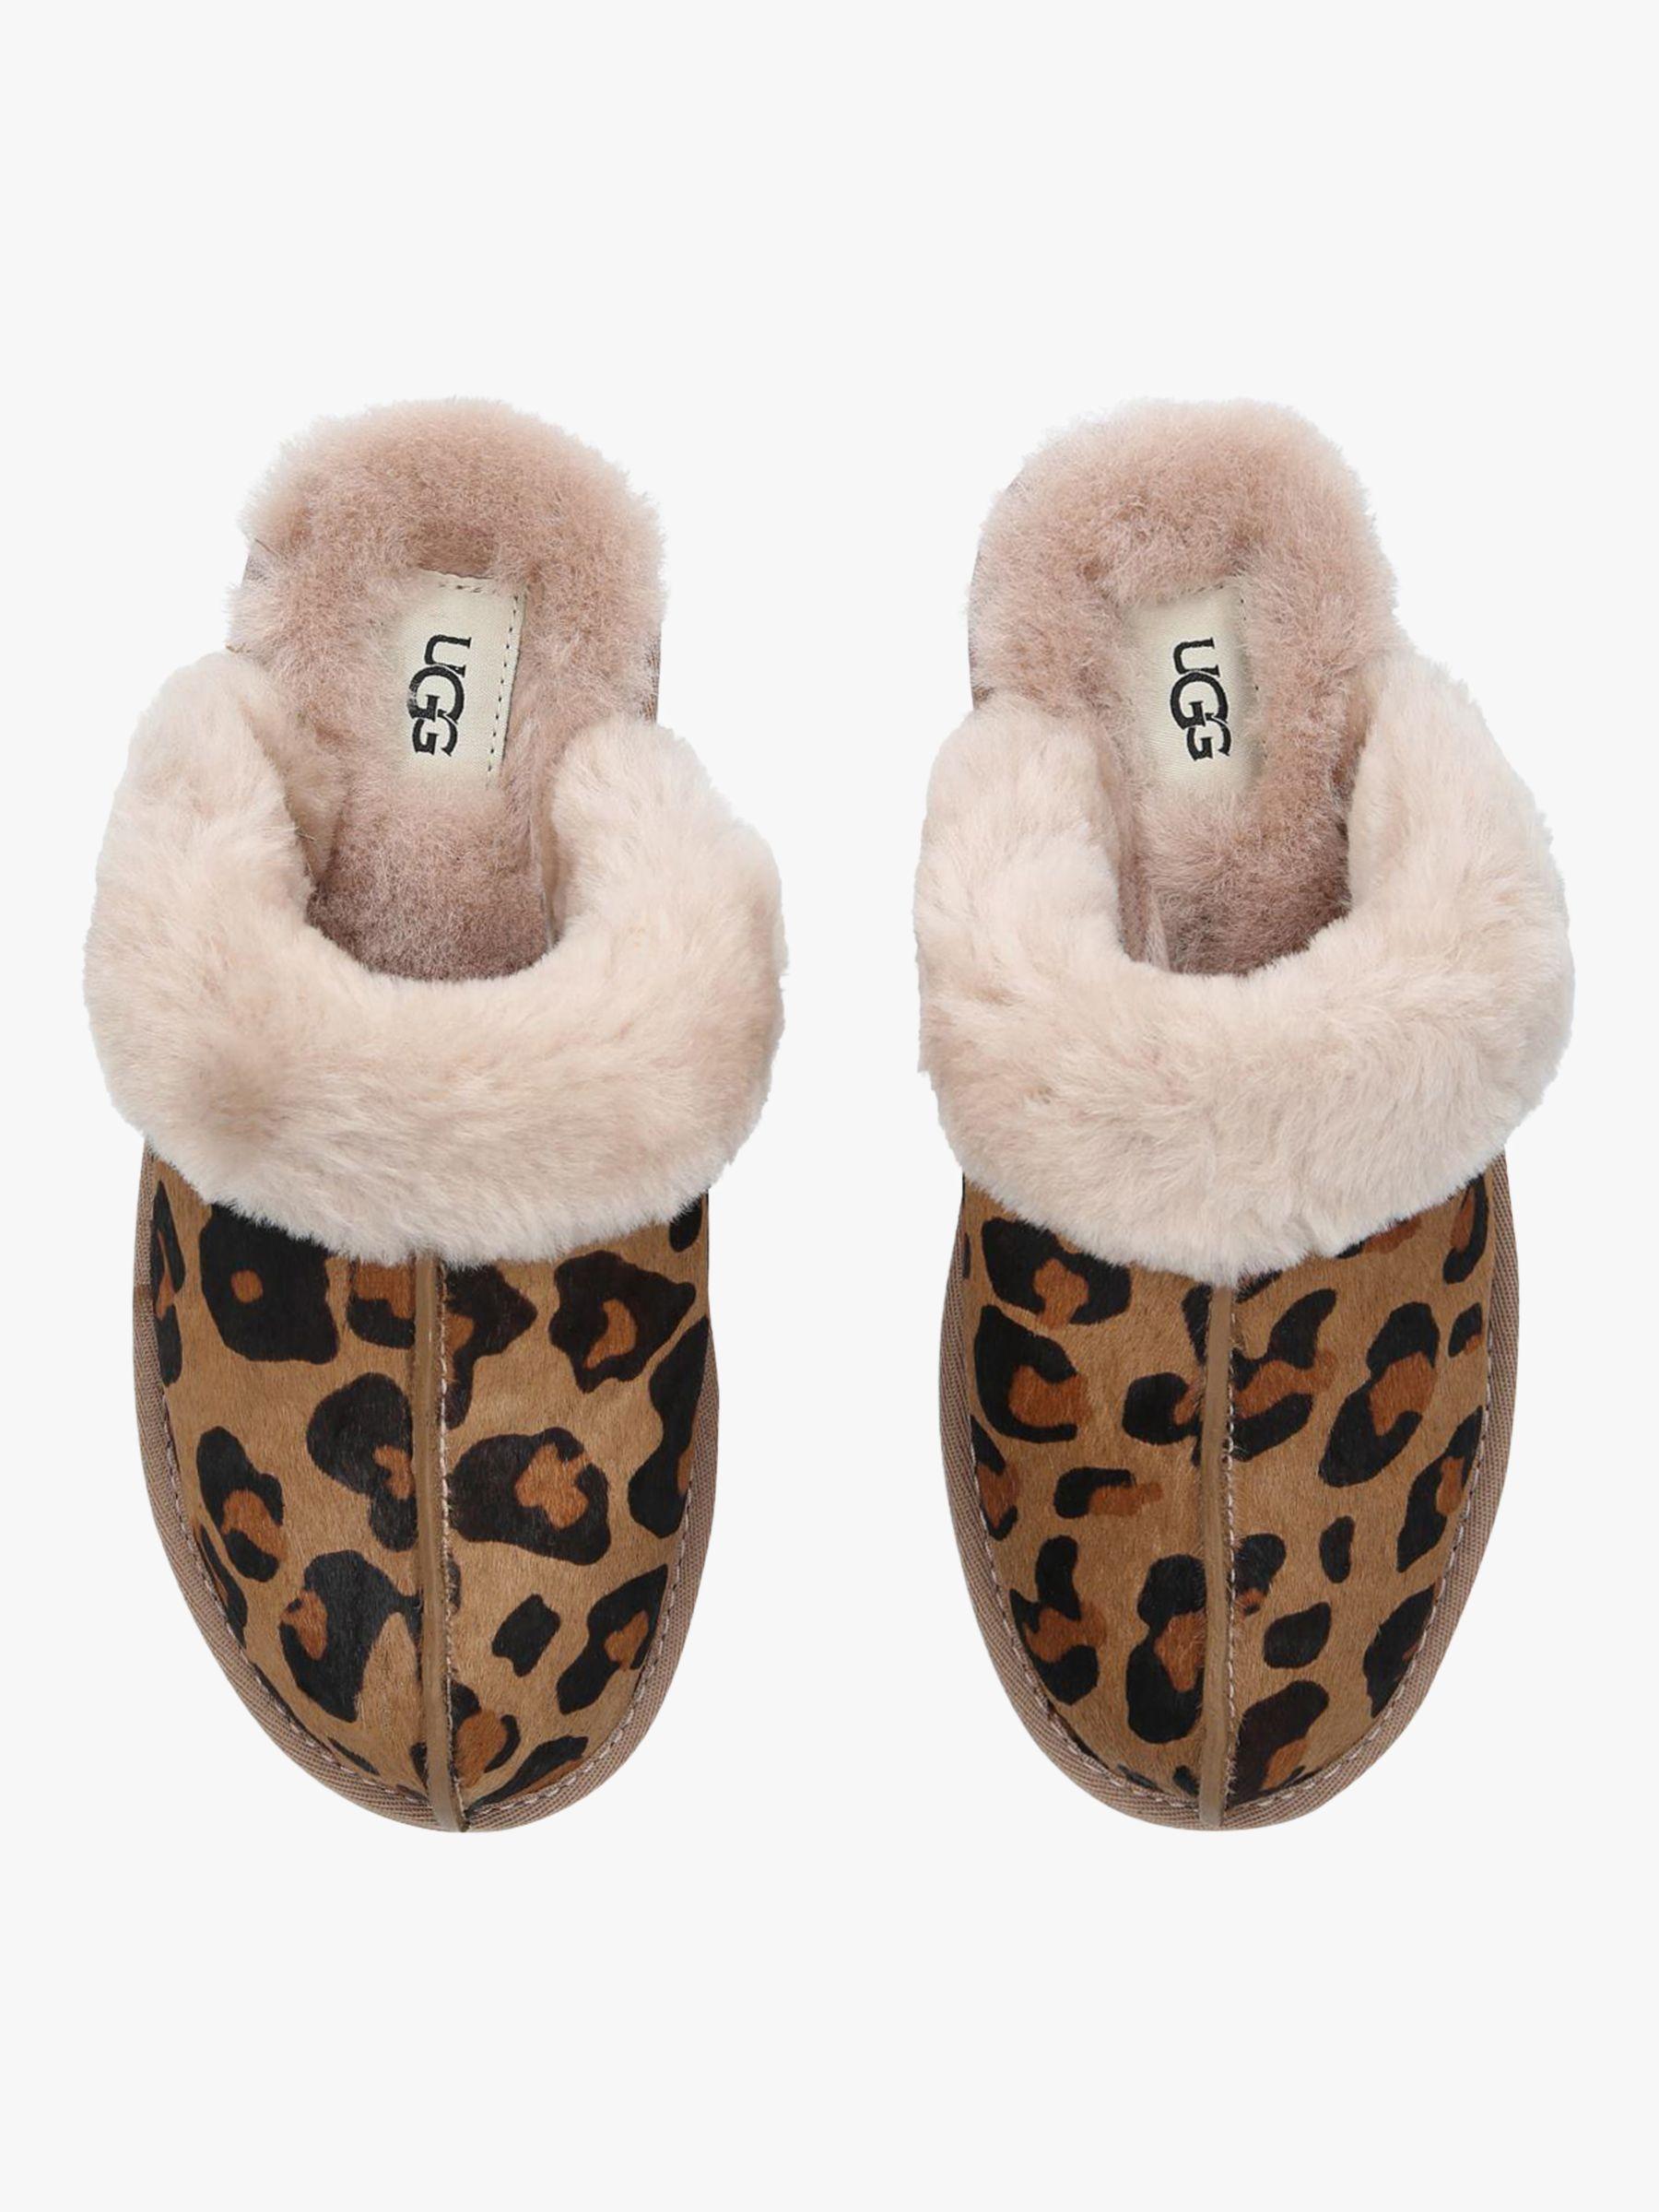 Ugg scuffette ii, Sheepskin slippers